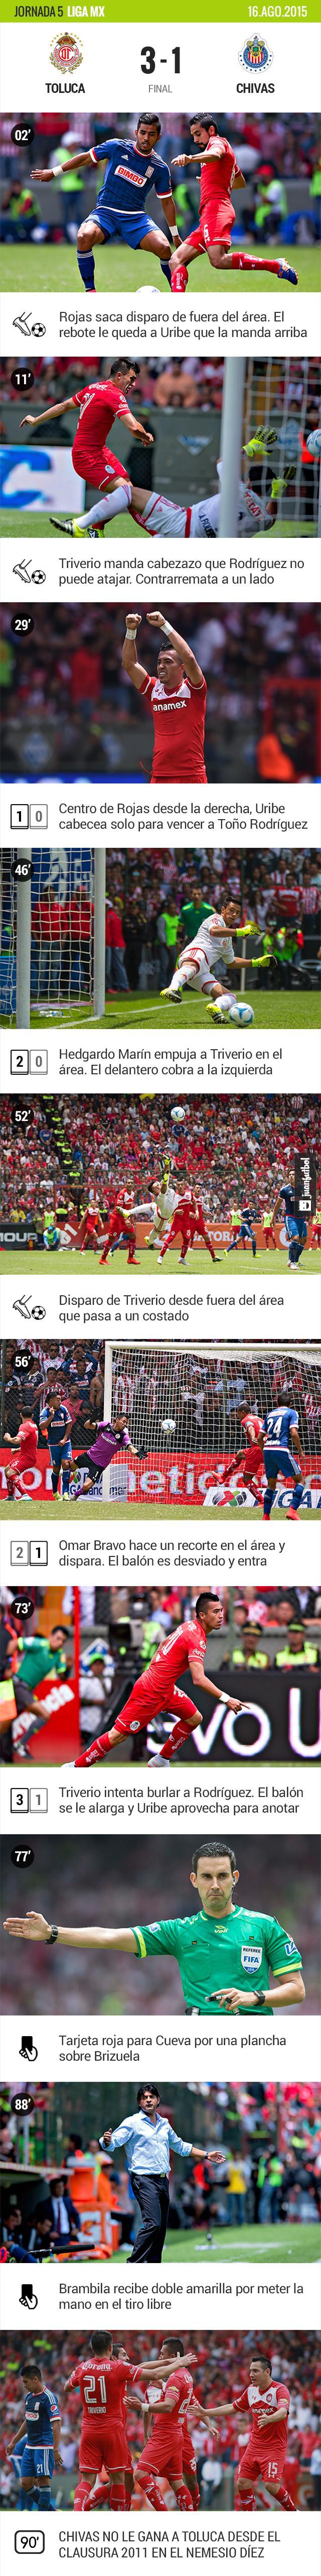 Toluca-Chivas